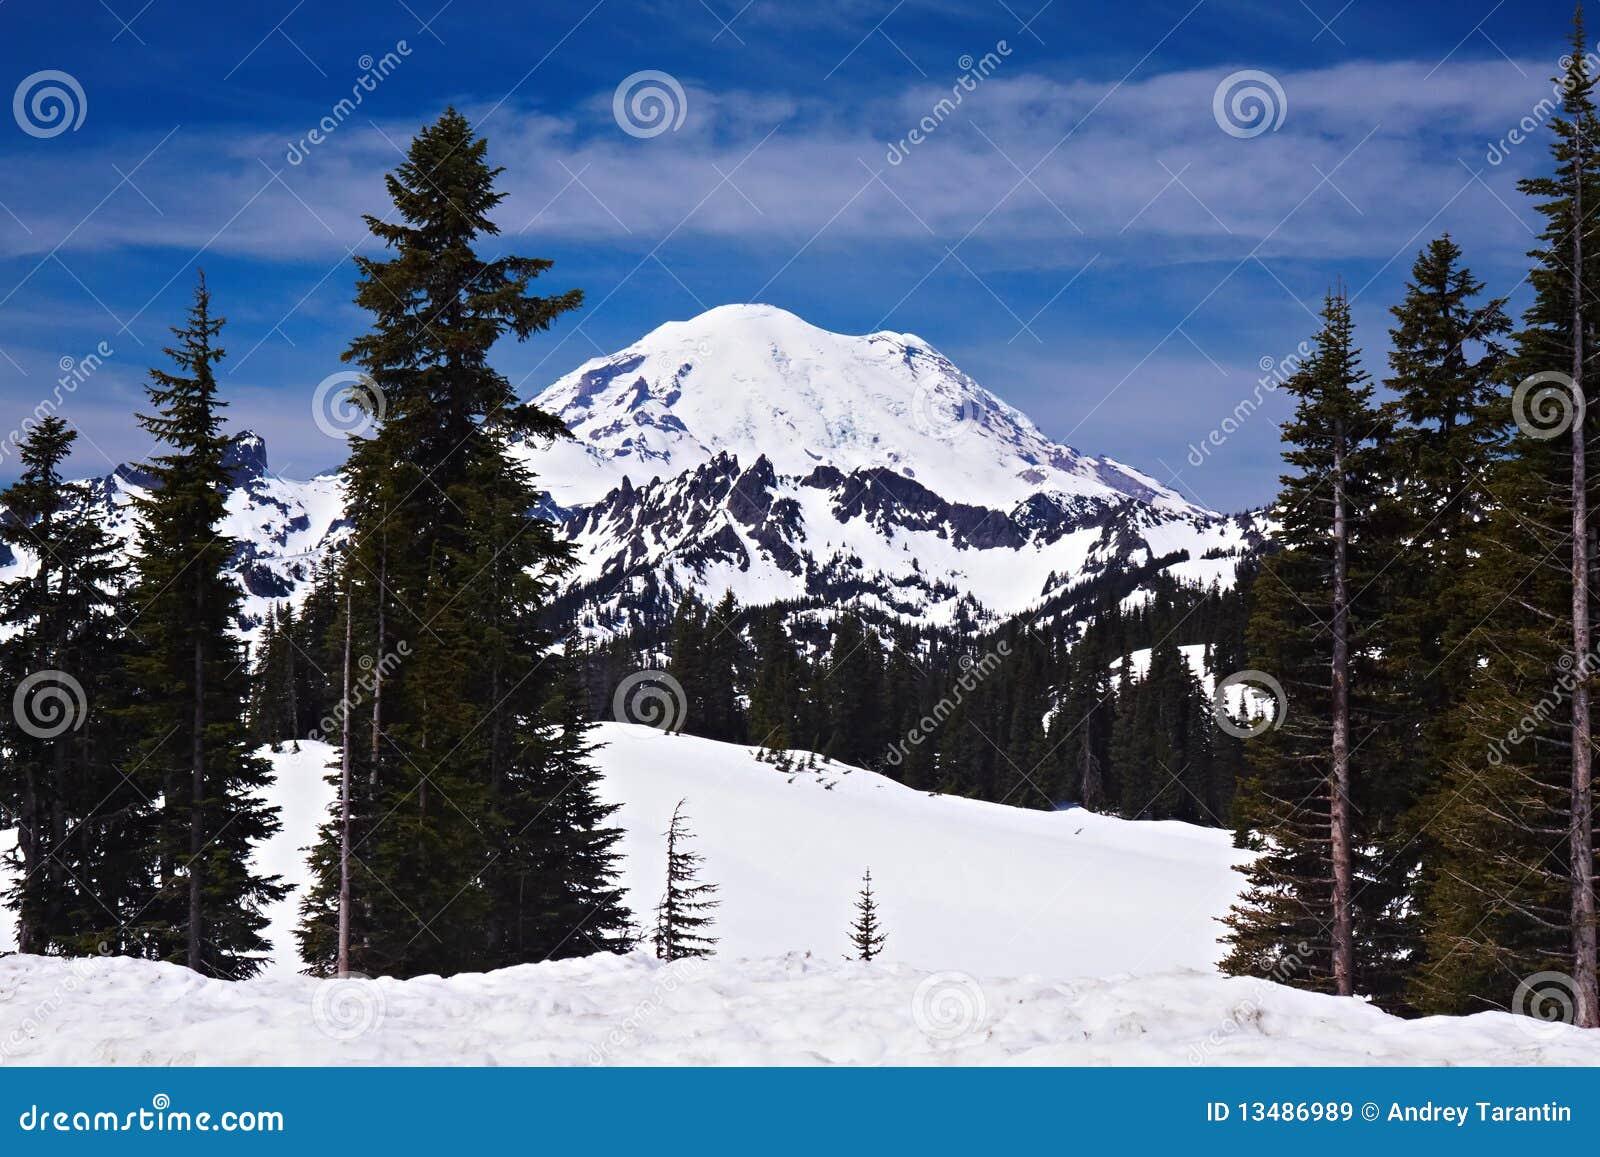 Snowcapped Imágenes De Stock Snowcapped Fotos De Stock: Snowcapped Mount Rainier Royalty Free Stock Images